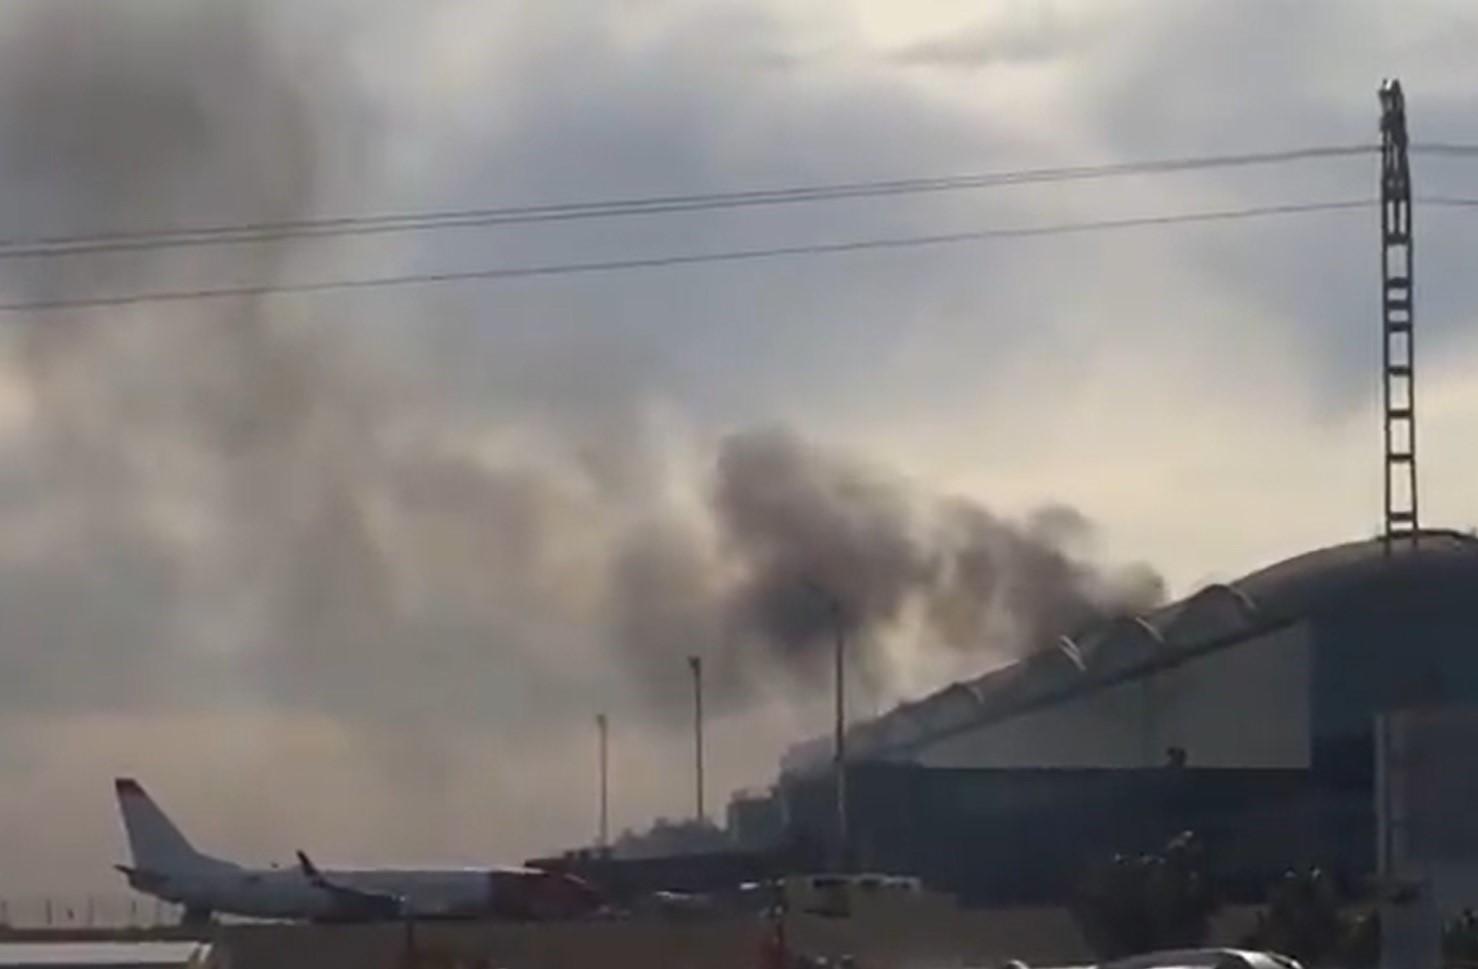 В Іспанії сталася пожежа в терміналі аеропорту. ВІДЕО